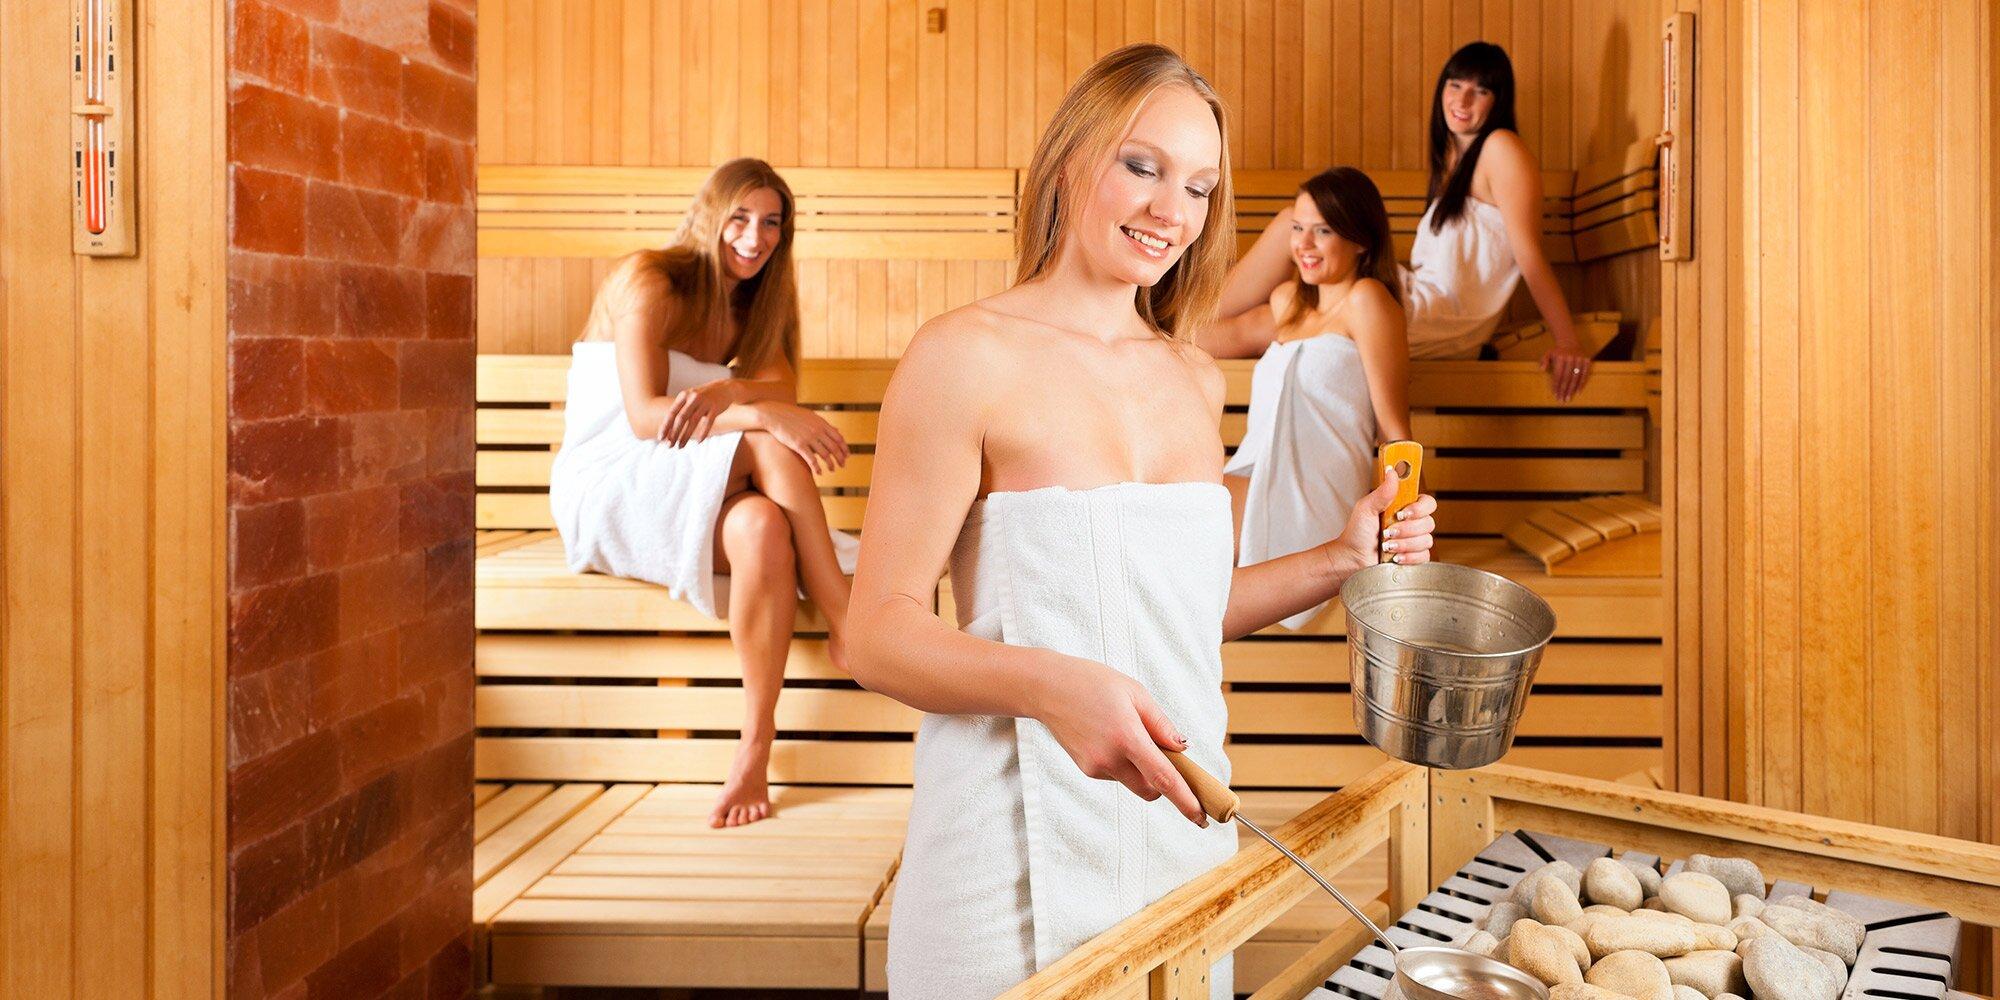 Фото русские семейные пары в бане, Наш семейный поход в баню (16 фото) 19 фотография